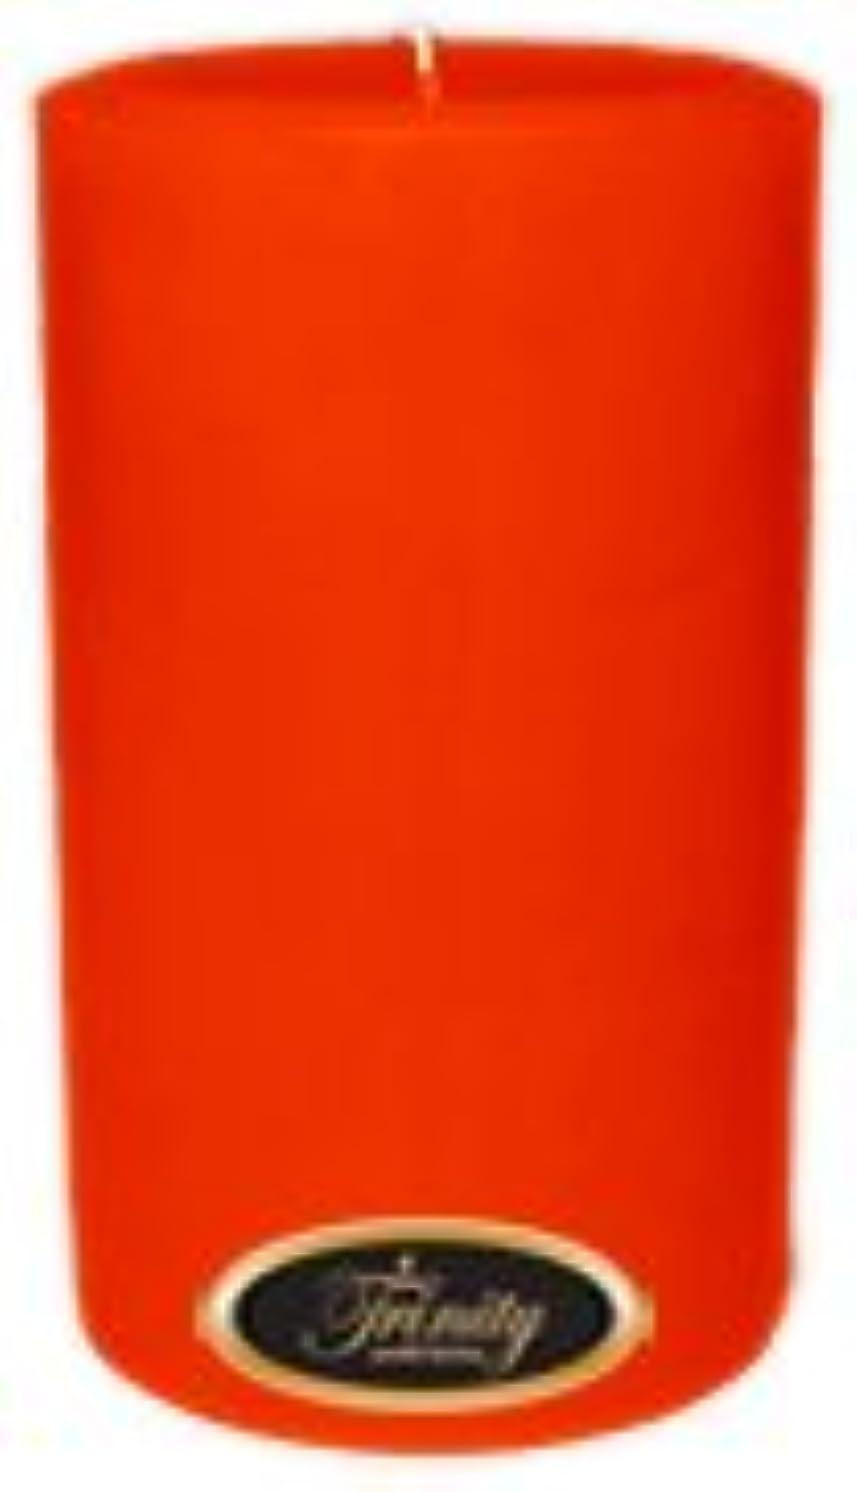 強化するウィザード植生Trinity Candle工場 – Autumn harvest – Pillar Candle – 4 x 6